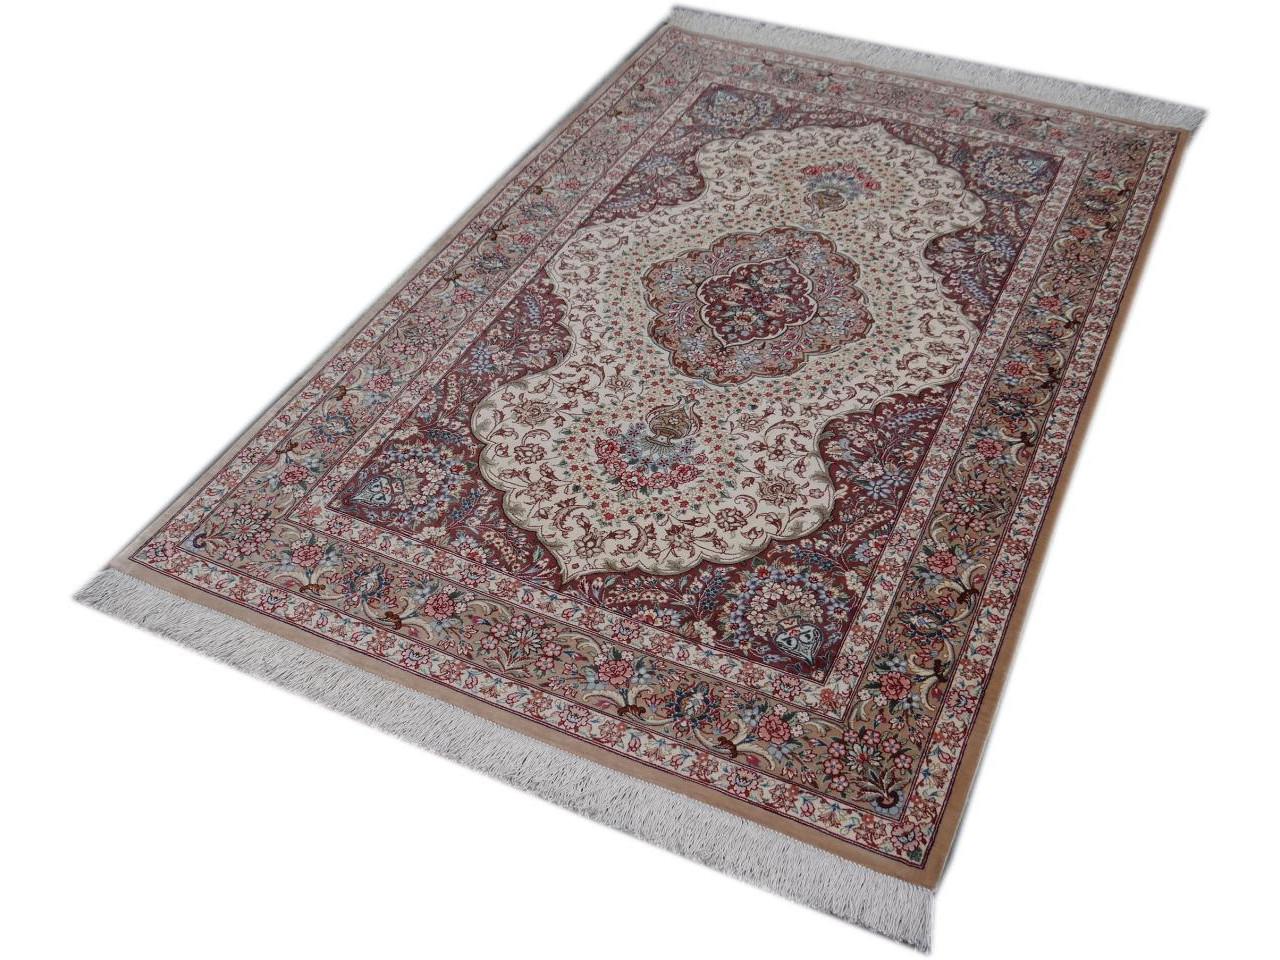 Nettoyer un tapis shaggy tags nettoyer un tapis shaggy tapis colore le tap - Nettoyer un tapis en soie ...